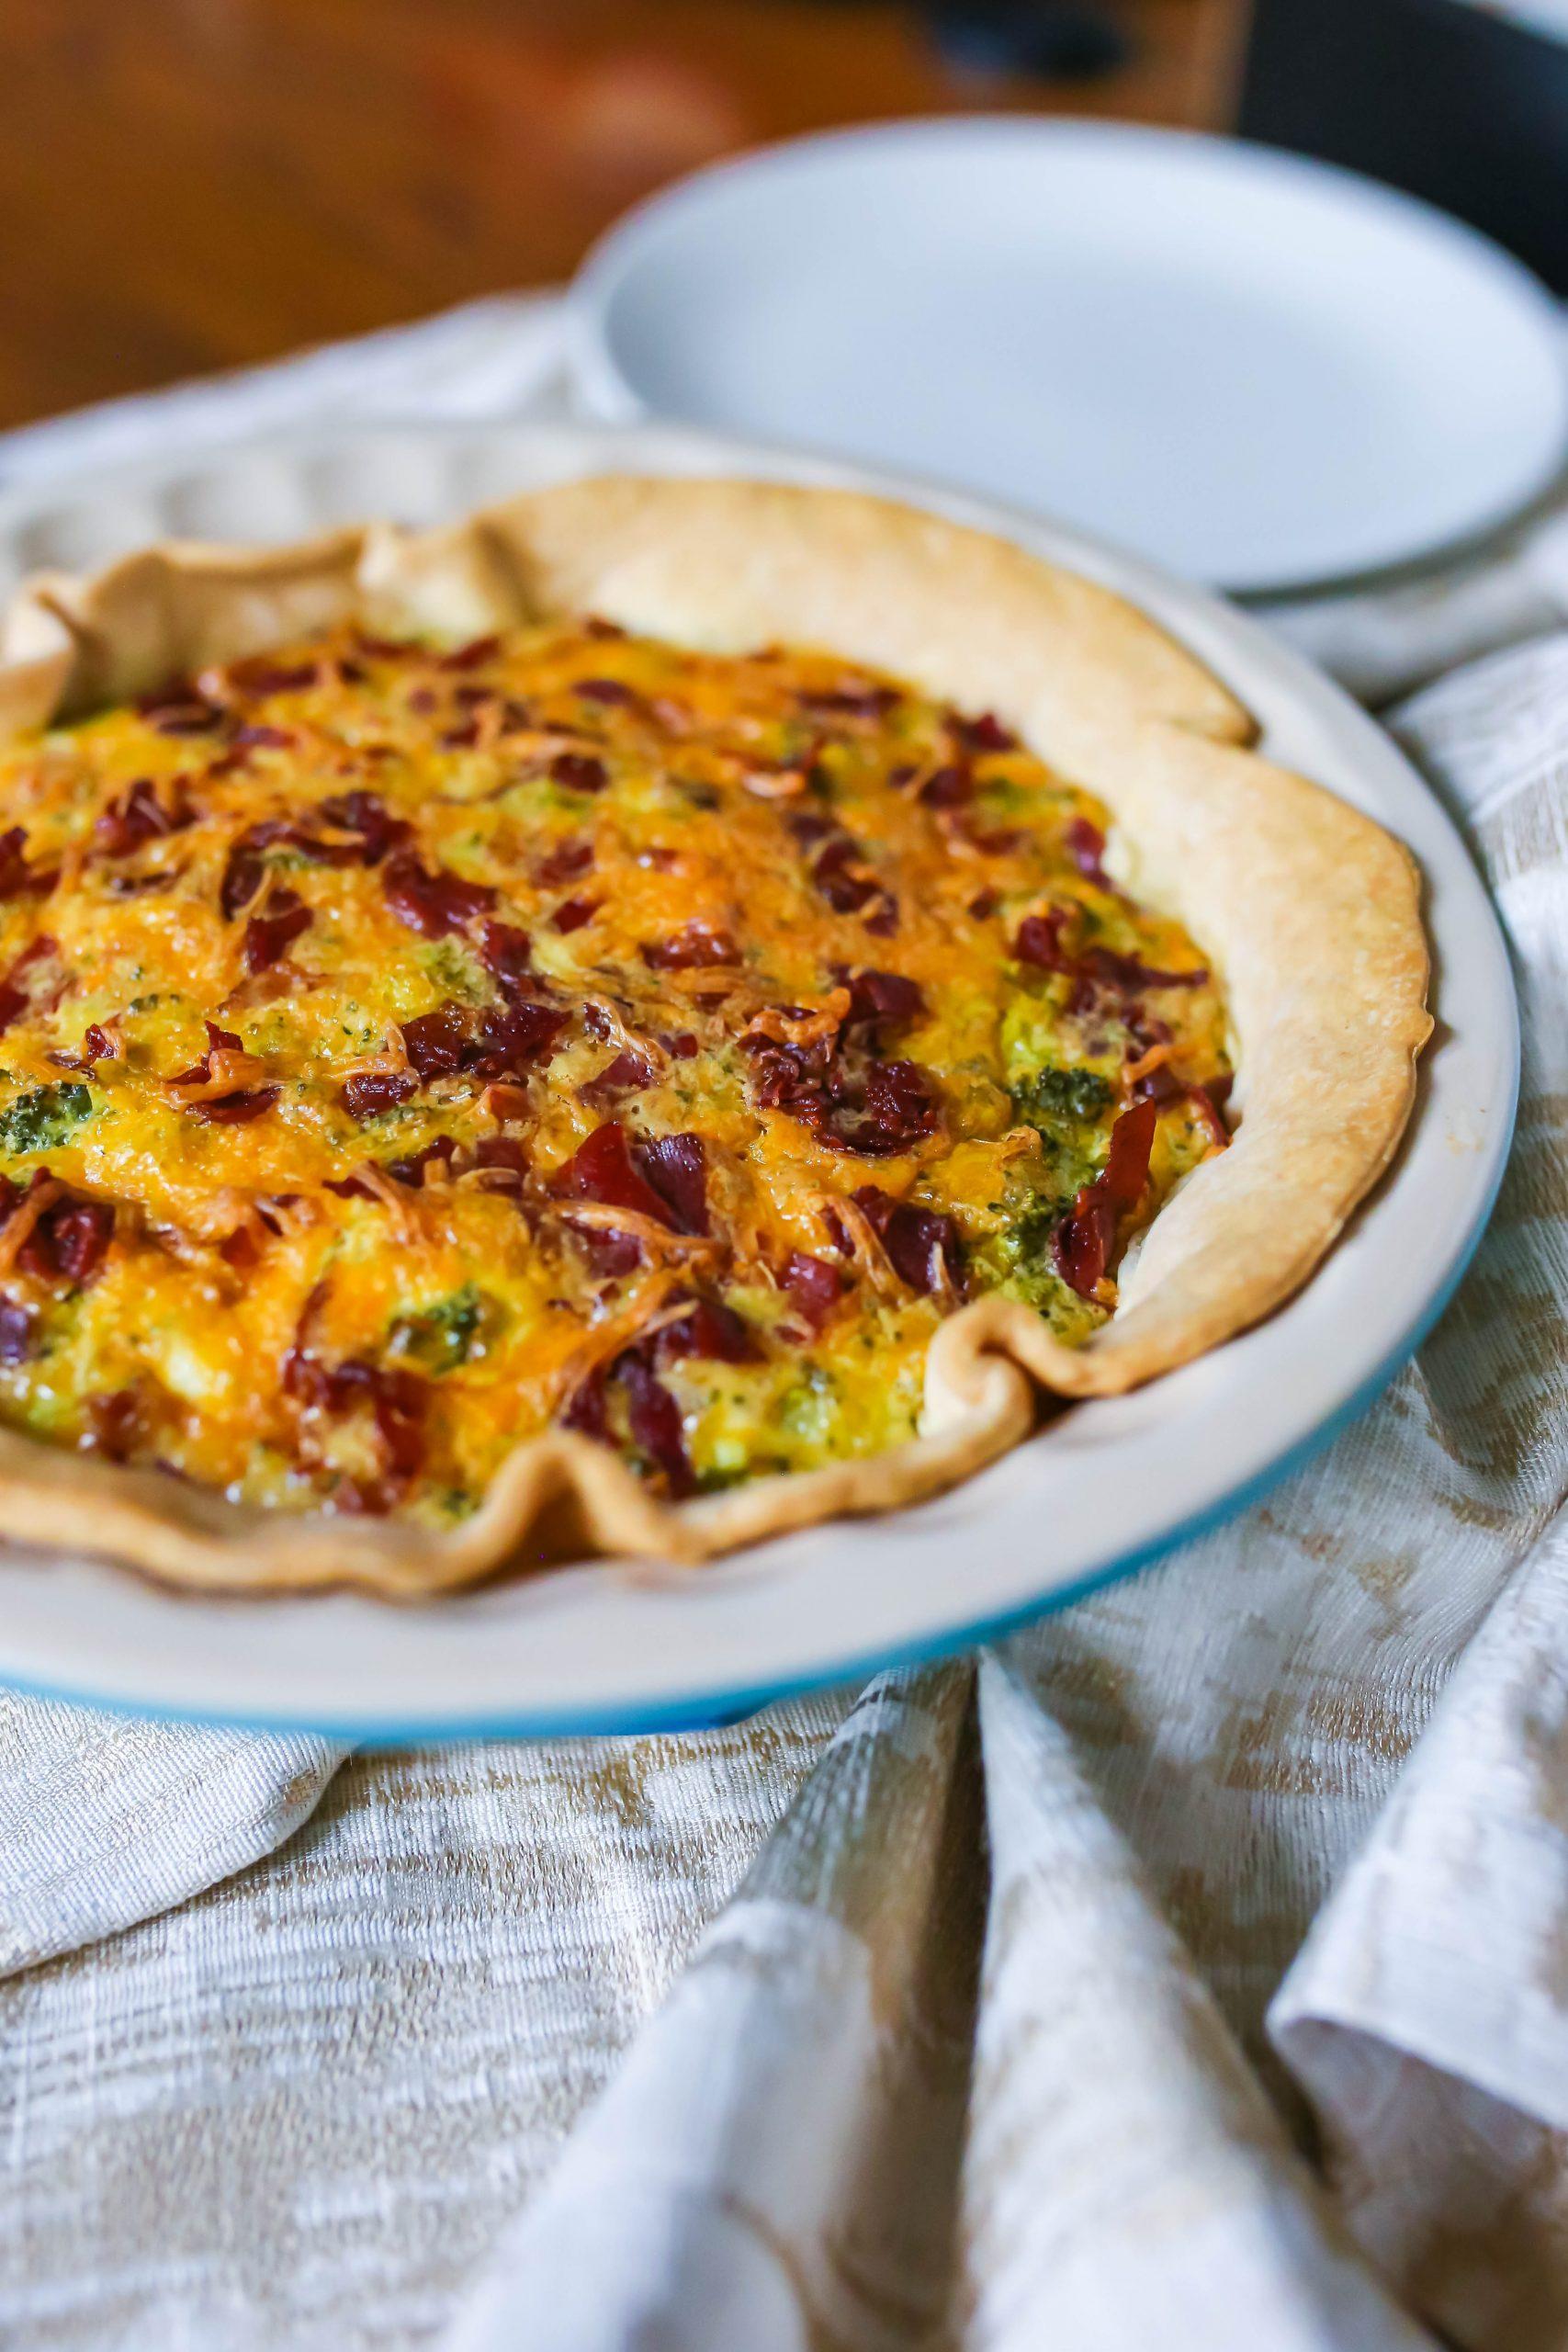 Broccoli Cheddar Quiche with Crispy Prosciutto